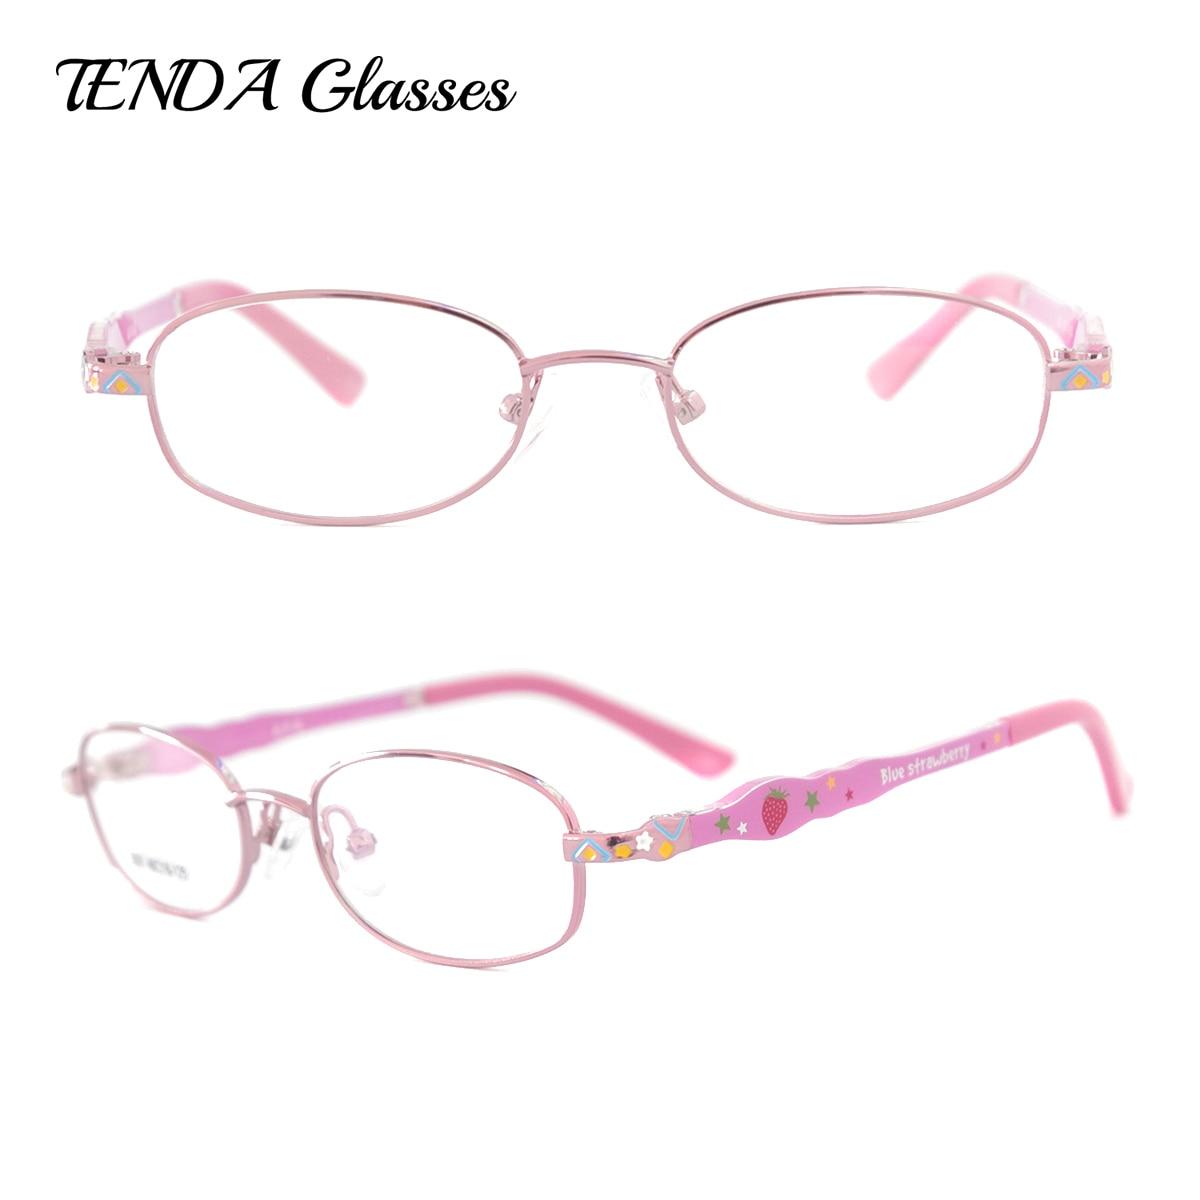 Mode Bunte Leichte Brillengestell Für Kinder Brillen Brillenglas in ...